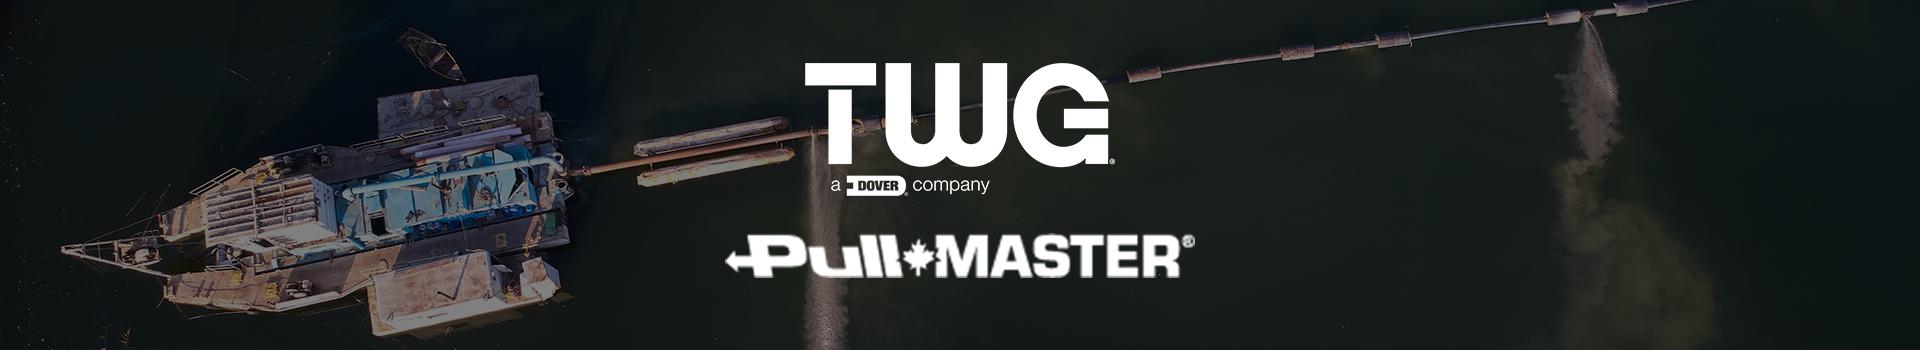 Pull Master_2